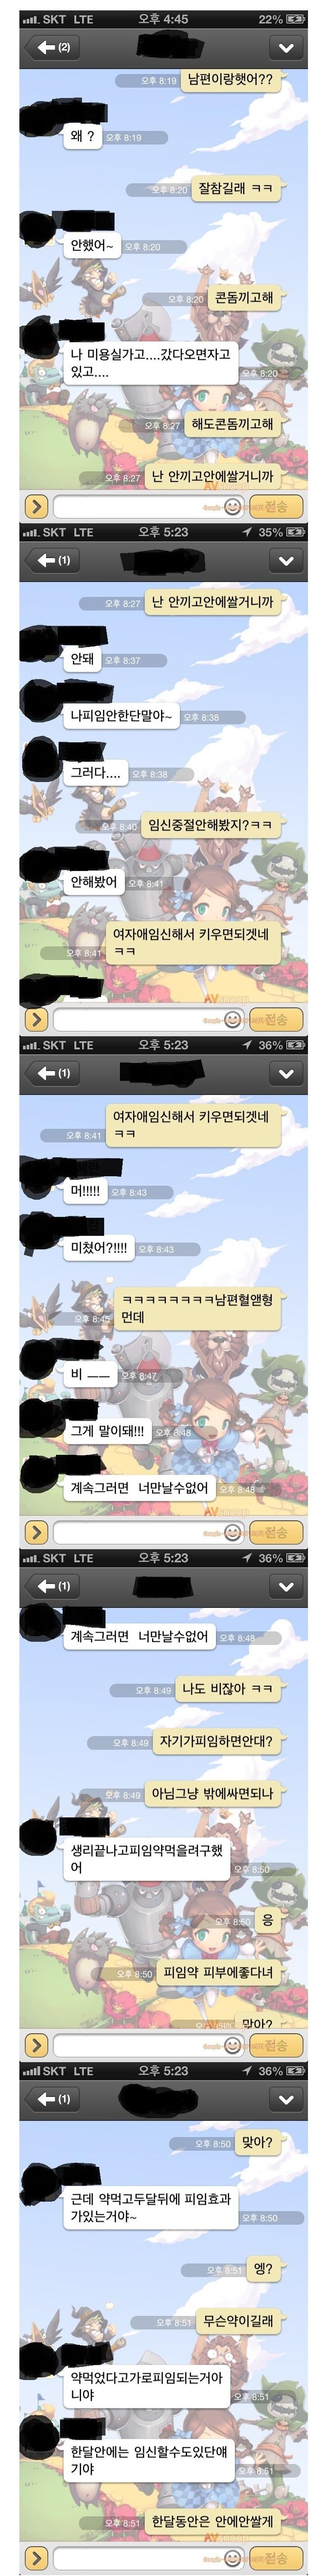 유부녀 꼬신 주갤러의 카톡.jpg